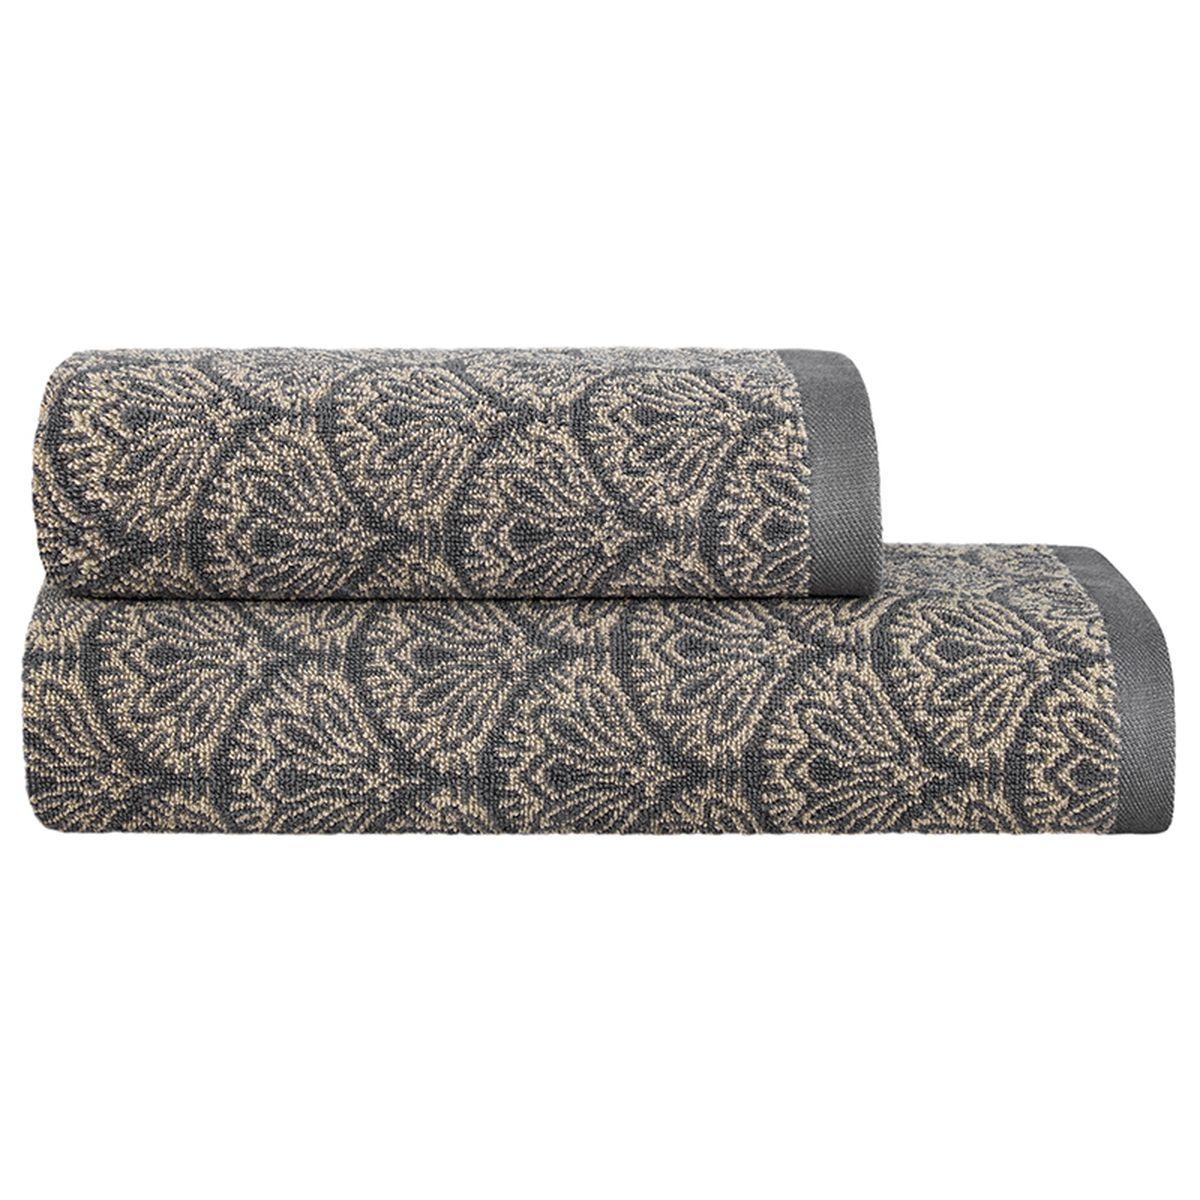 Набор полотенец Togas Арт-деко, 2 шт74-0080Набор Togas Арт-деко, выполненный из 60% хлопка и 40% модела, невероятно гармонично сочетает в себе лучшие качества современного махрового текстиля. Набор полотенец идеально заботится о вашей коже, особенно после душа, когда вы расслаблены и особо уязвимы. Деликатный дизайн полотенец Togas «Арт-деко» - воплощение изысканной простоты, где на первый план выходит качество материала. Невероятно мягкое волокно модал, превосходящее по своим свойствам даже хлопок, позволяет улучшить впитывающие качества полотенца и делает его удивительно мягким. Модал - это 100% натуральное, экологически чистое целлюлозное волокно. Оно производится без применения каких-либо химических примесей, поэтому абсолютно гипоаллергенно.Набор полотенец Togas Арт-деко, обладающий идеальными качествами, будет поднимать вам настроение.Размер полотенца: 50 х 100 см; 70 х 140 см.